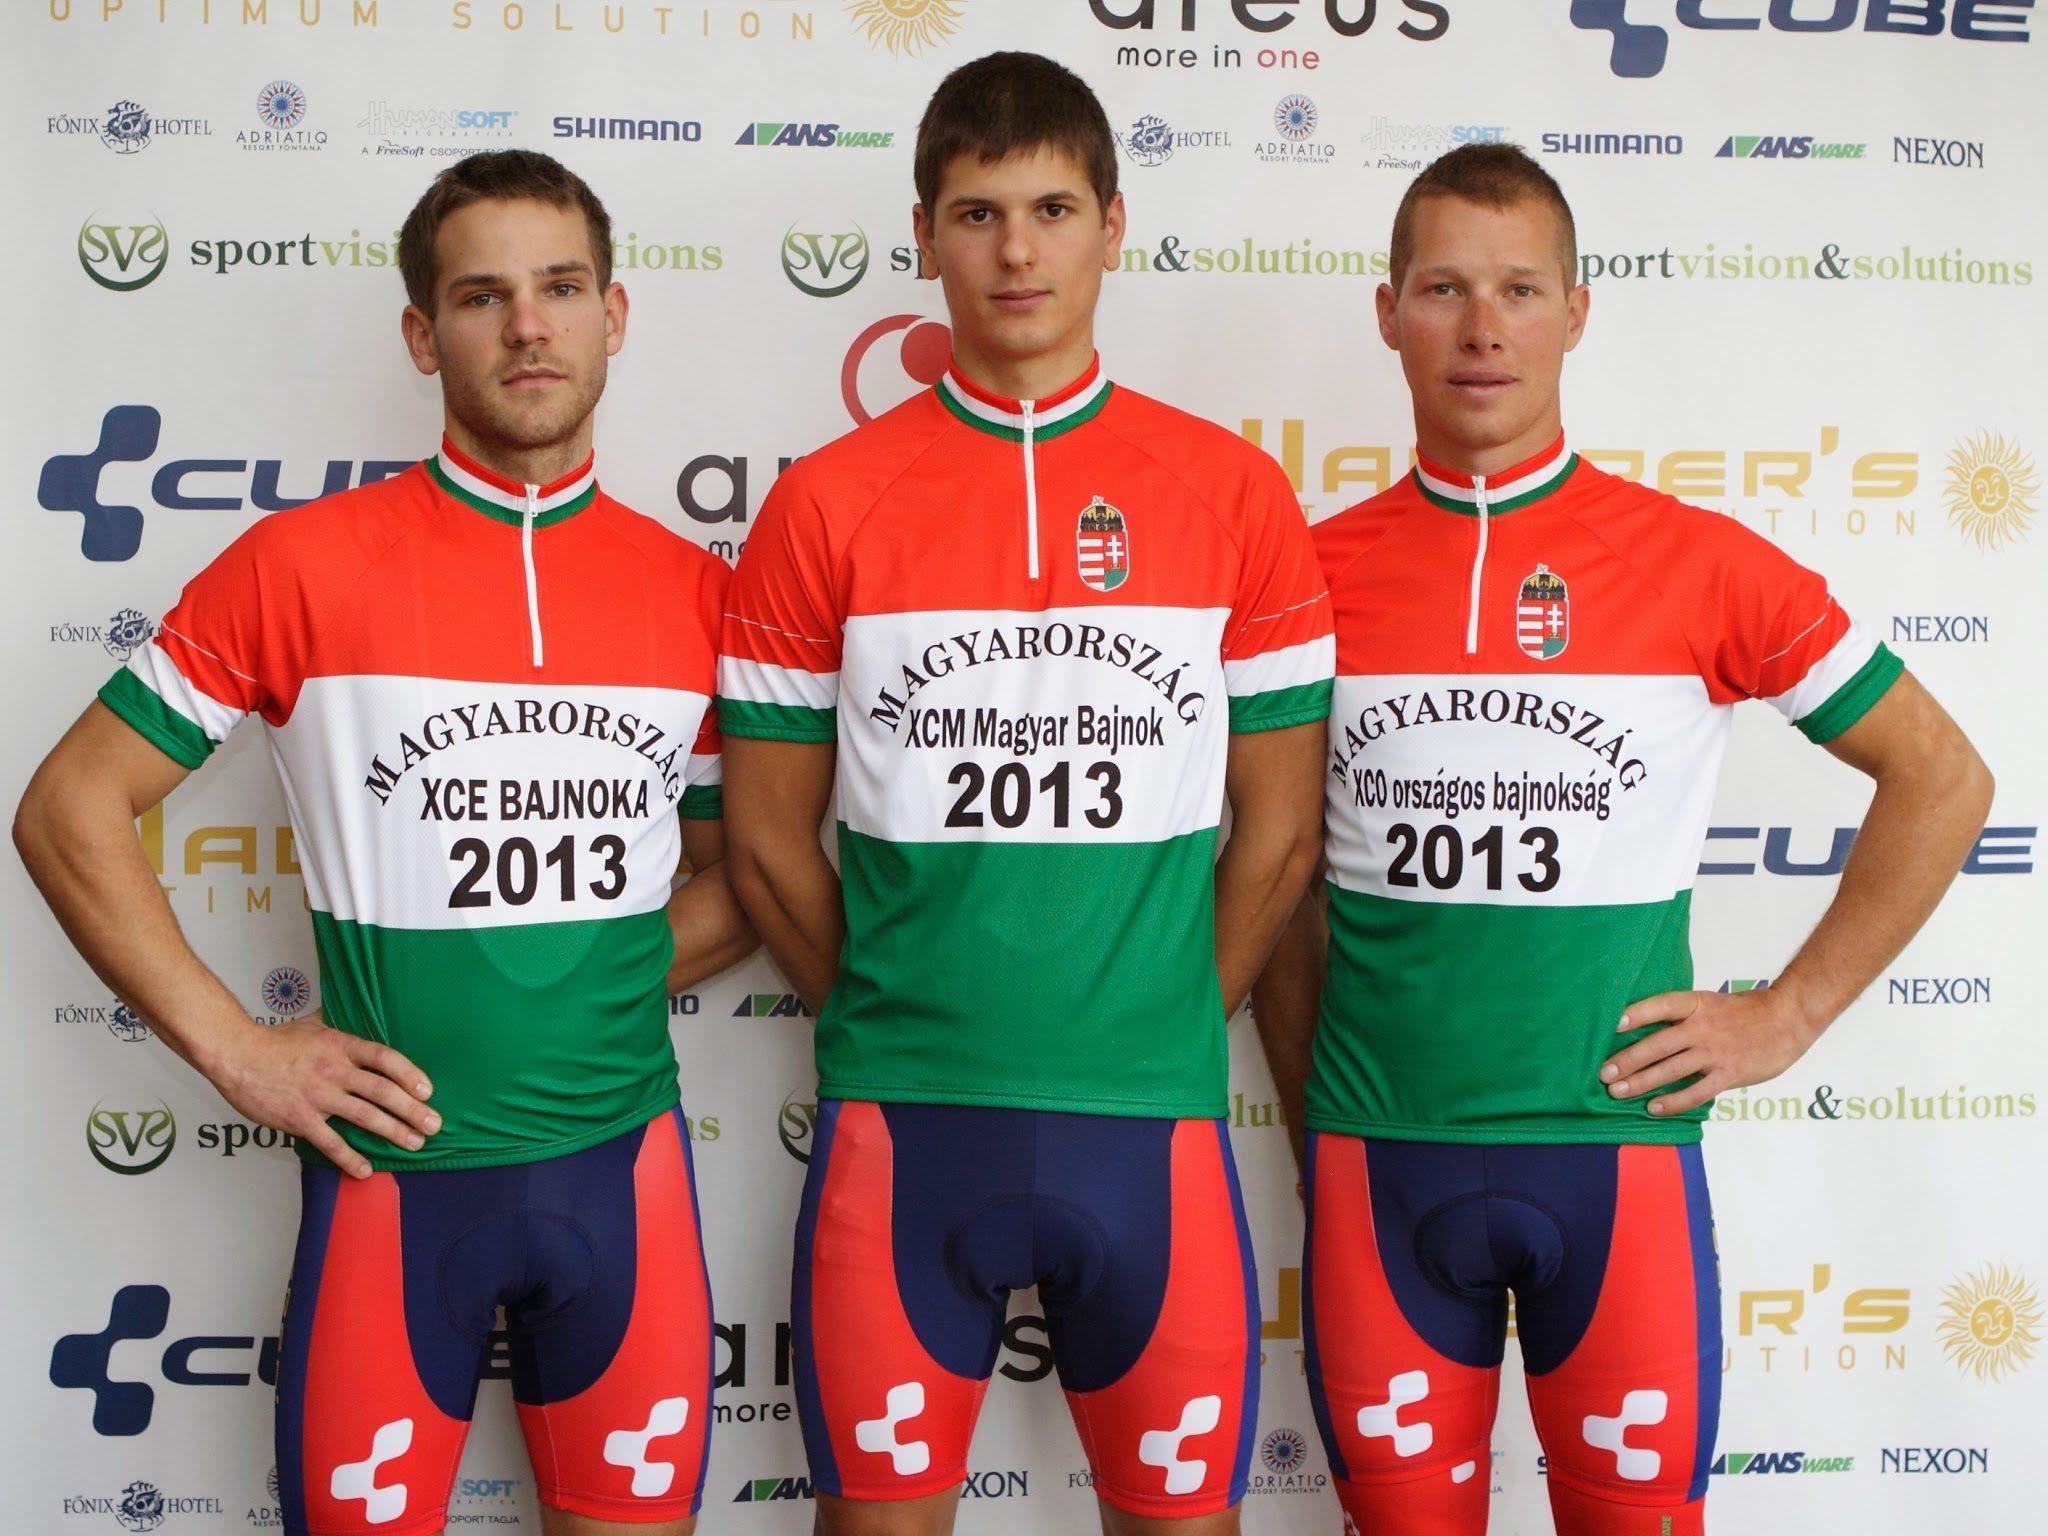 A Waberer's csapat bajnokai: Csielka, Juhász, Parti